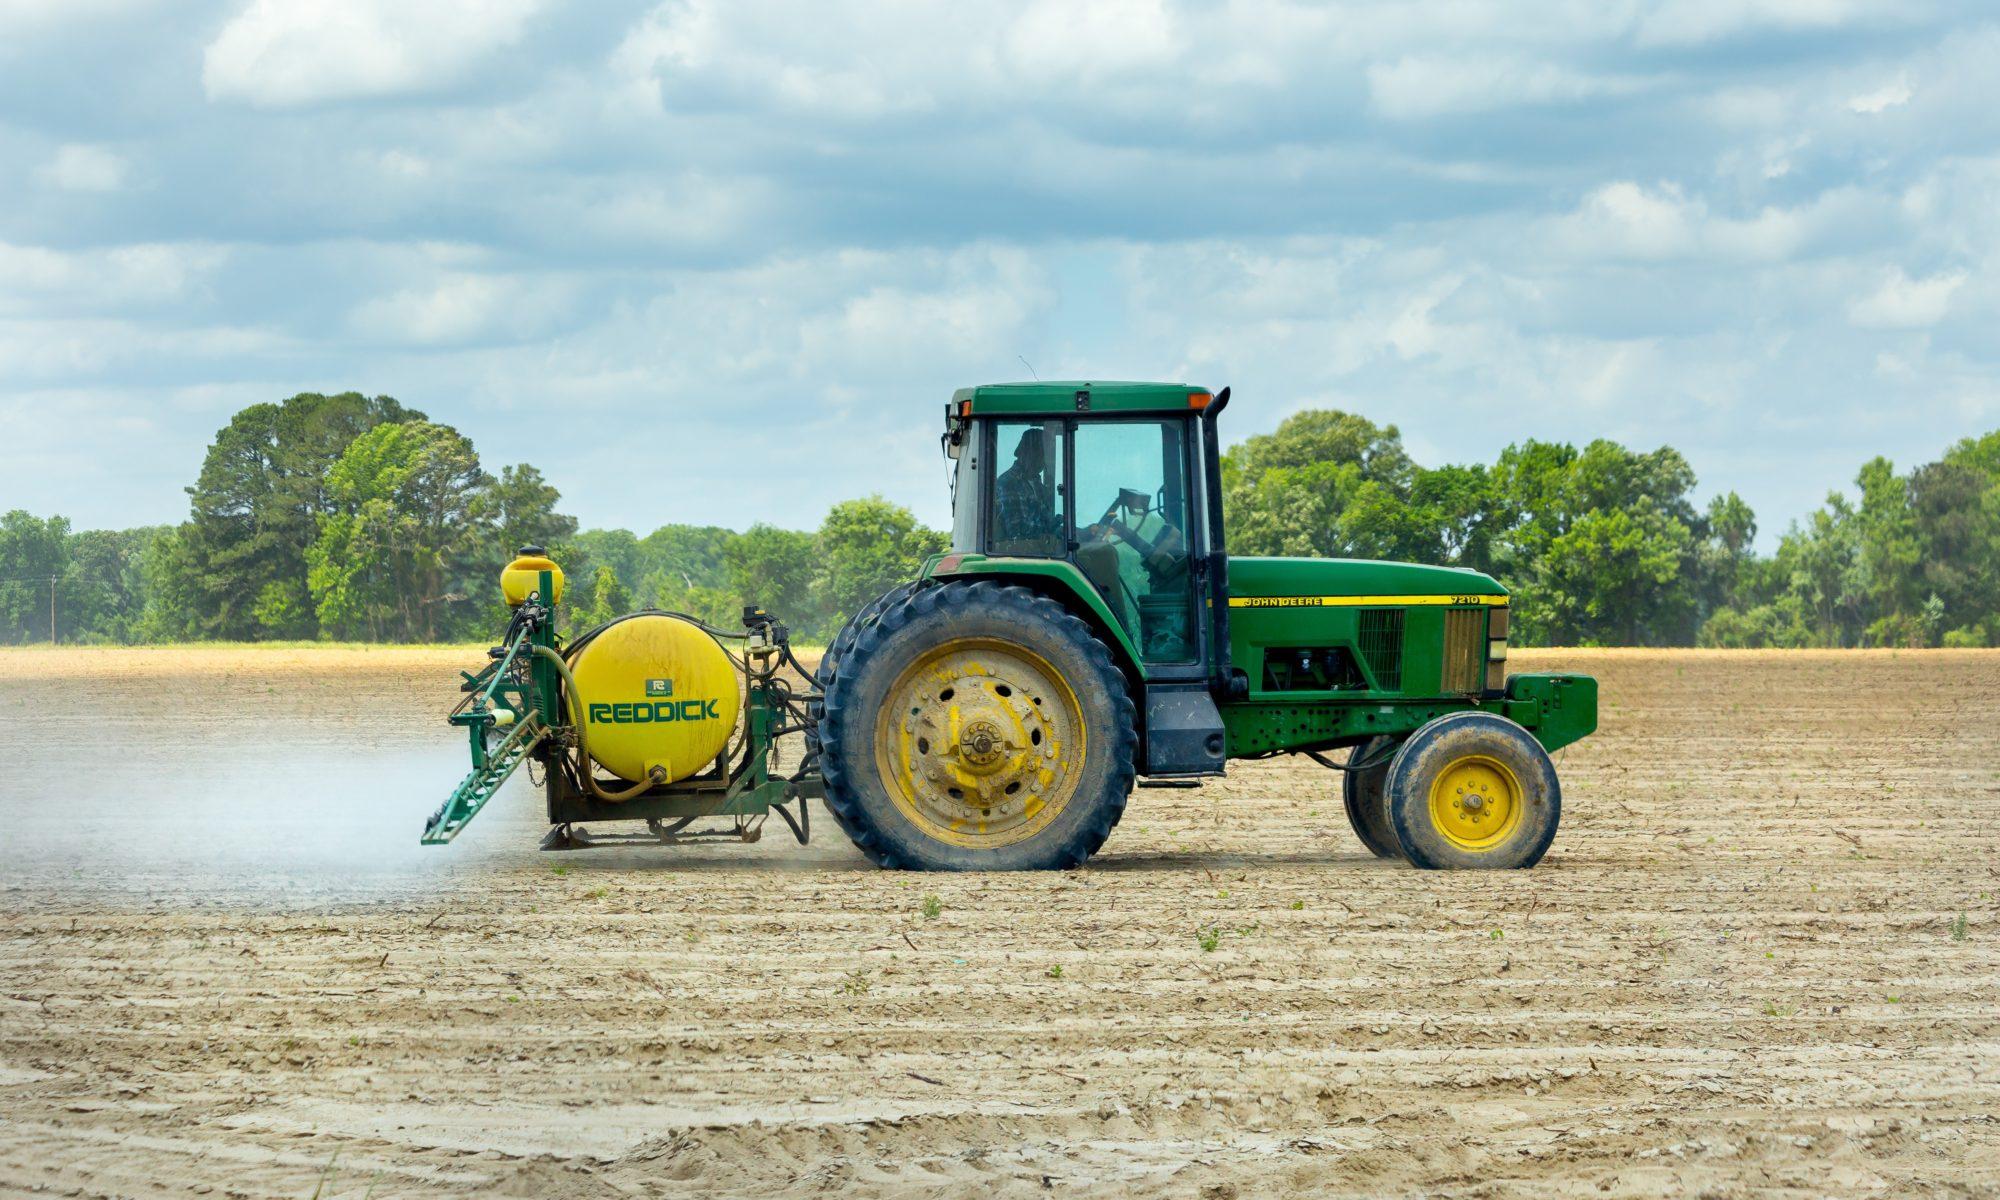 Multinacionais da Europa vendem no Brasil toneladas de agrotóxicos 'altamente perigosos' proibidos em seus países_img1